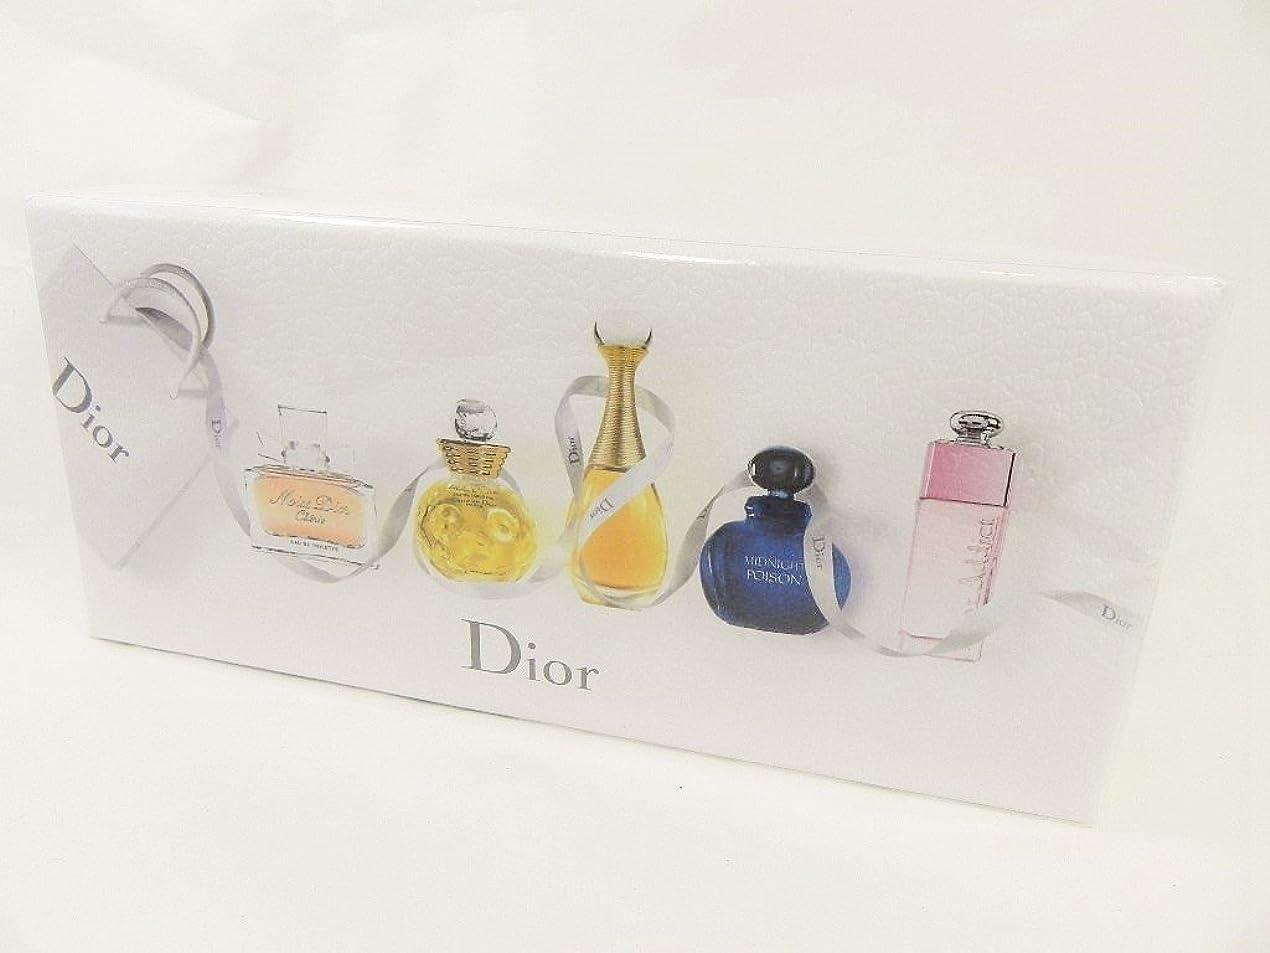 犬毒締め切りクリスチャンディオール Christian Dior レ パルファムズ LES PARFUMS ミニ香水セット EDT,EDP 5mlx5本 [並行輸入品]